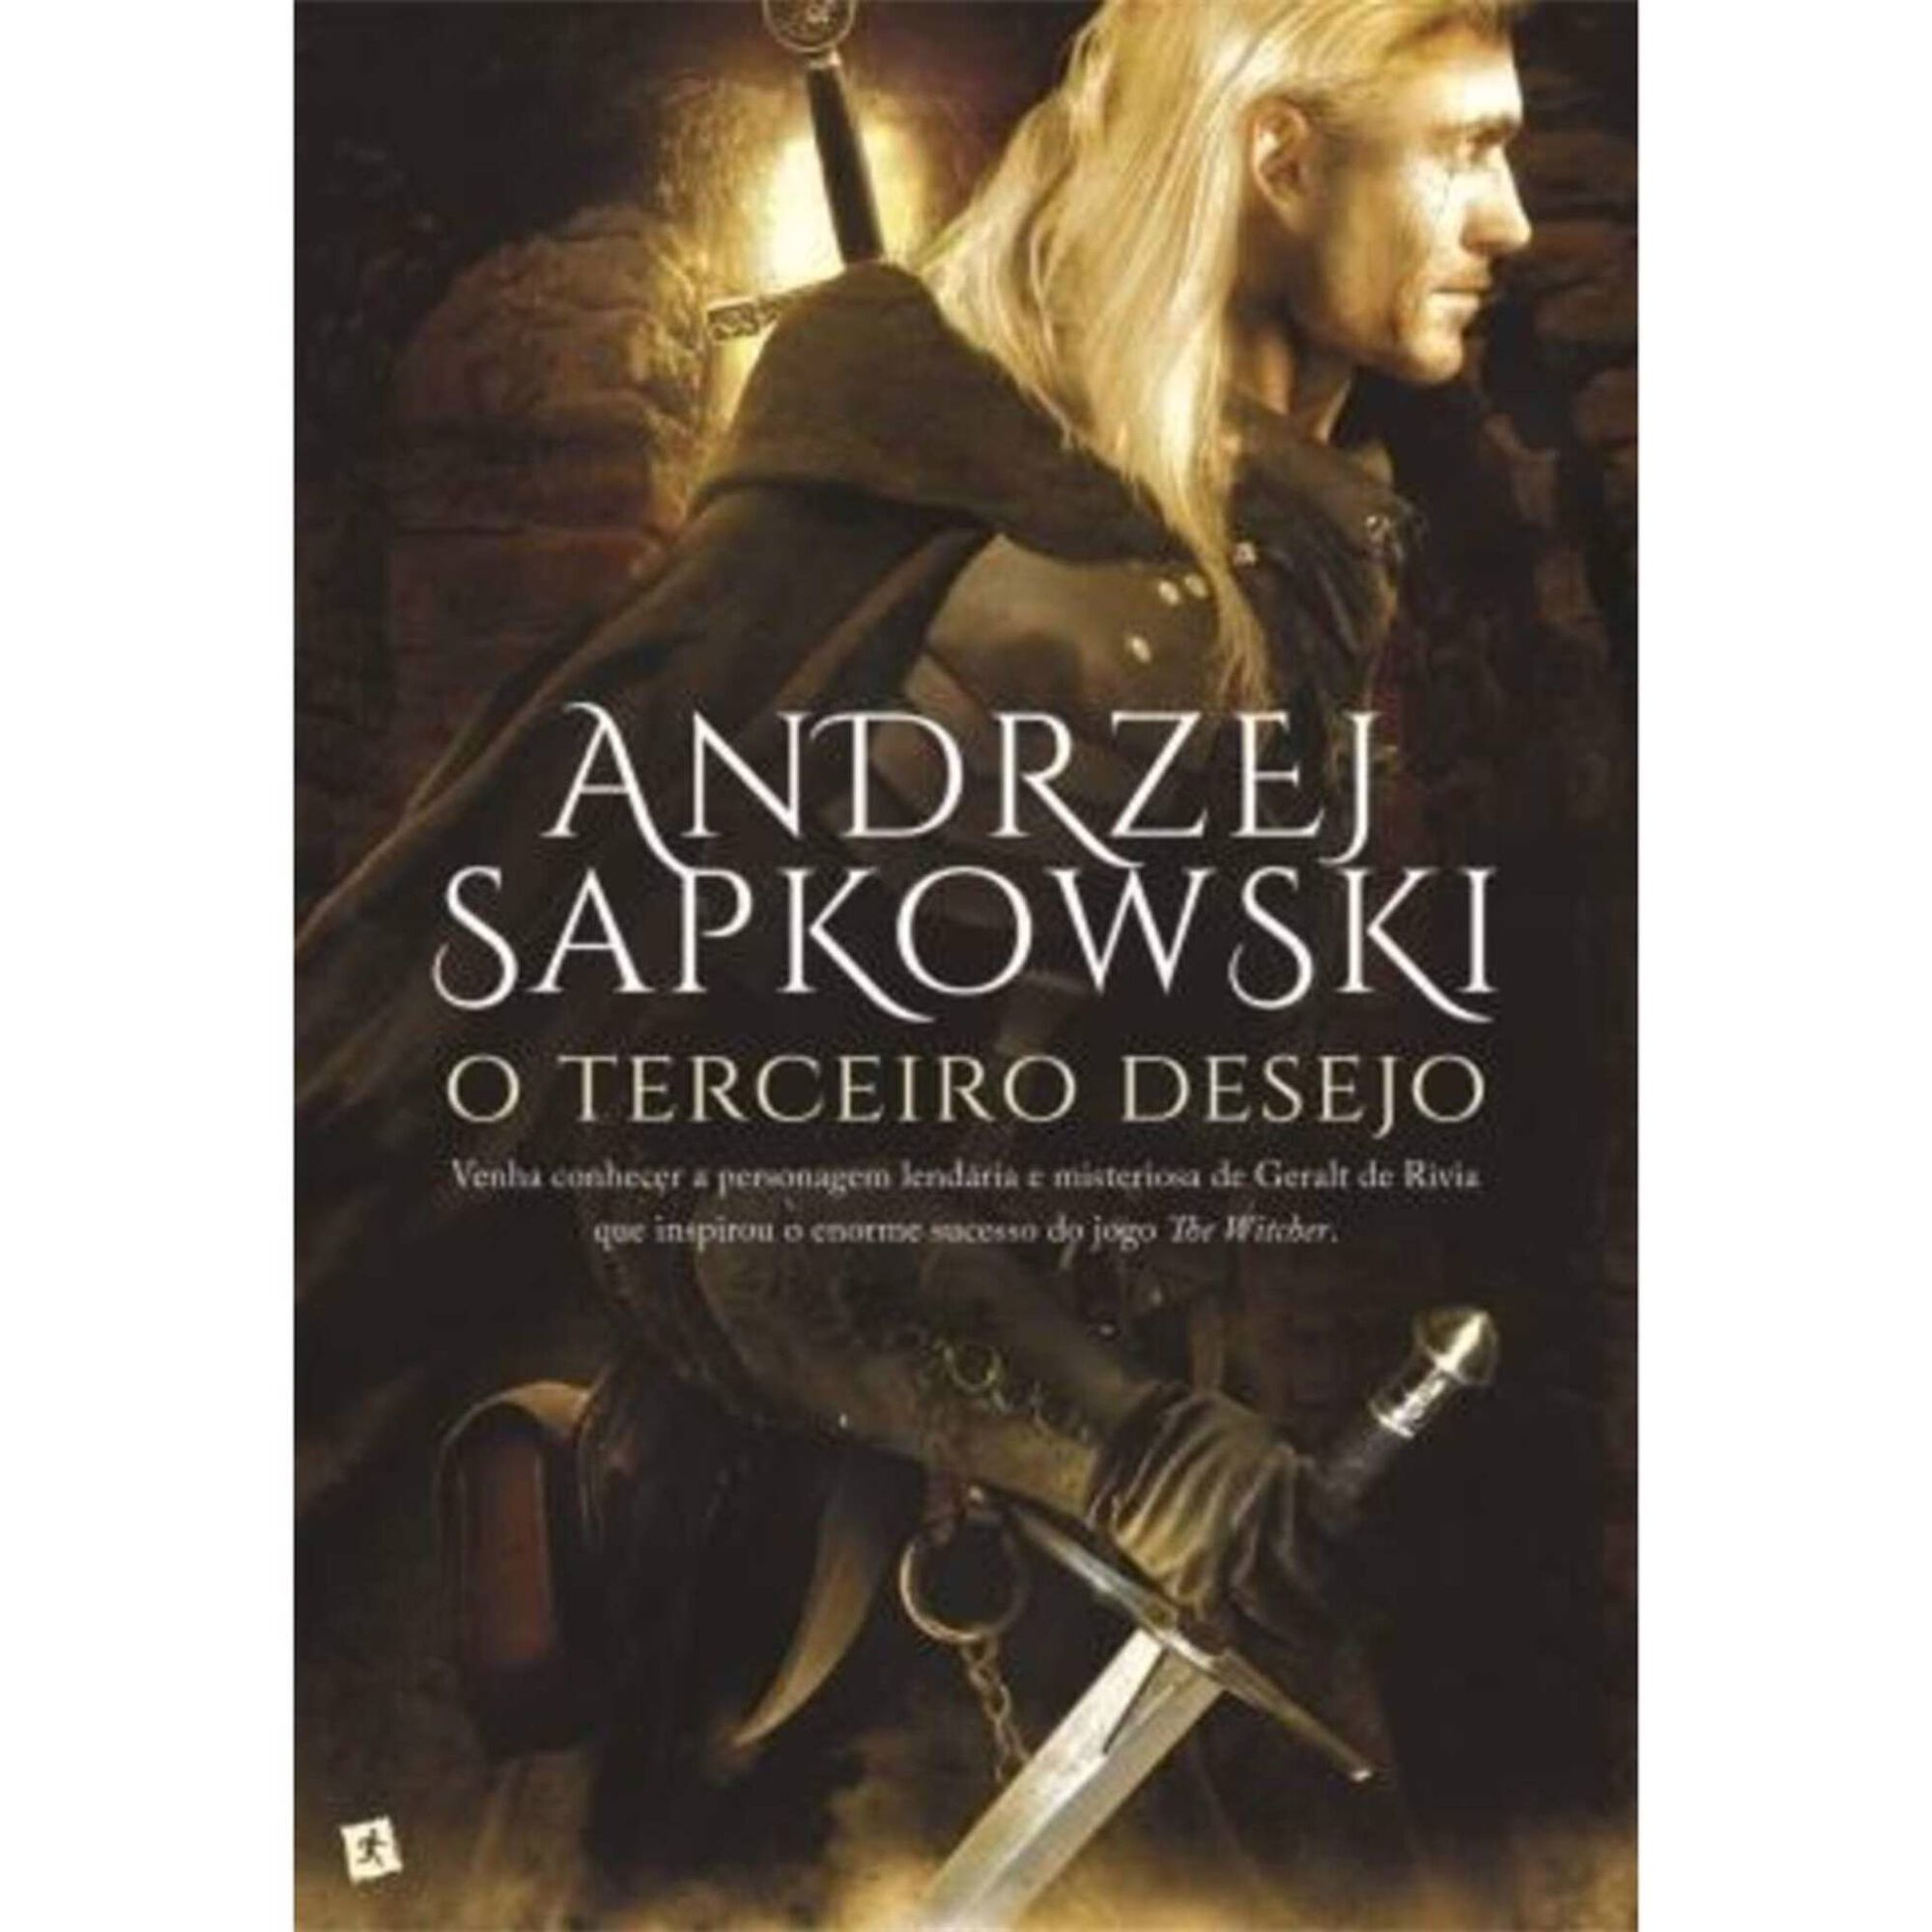 The Witcher - O Terceiro Desejo (volume 1)